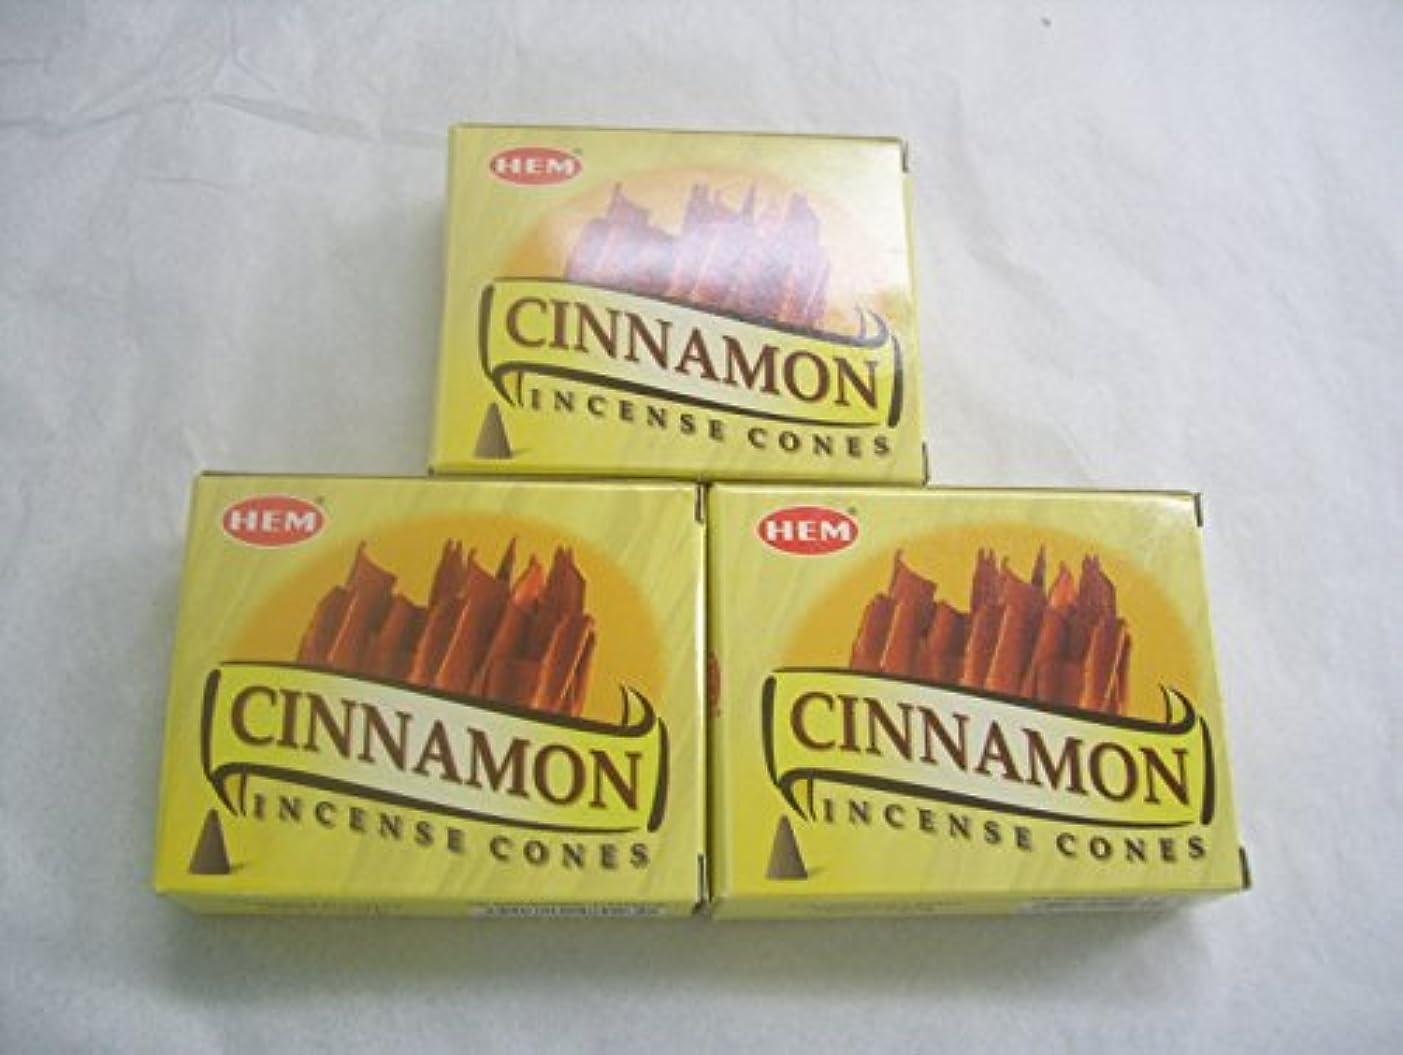 鮮やかなバルーン主人Hemシナモン香コーン、3パックの10 Cones = 30 Cones